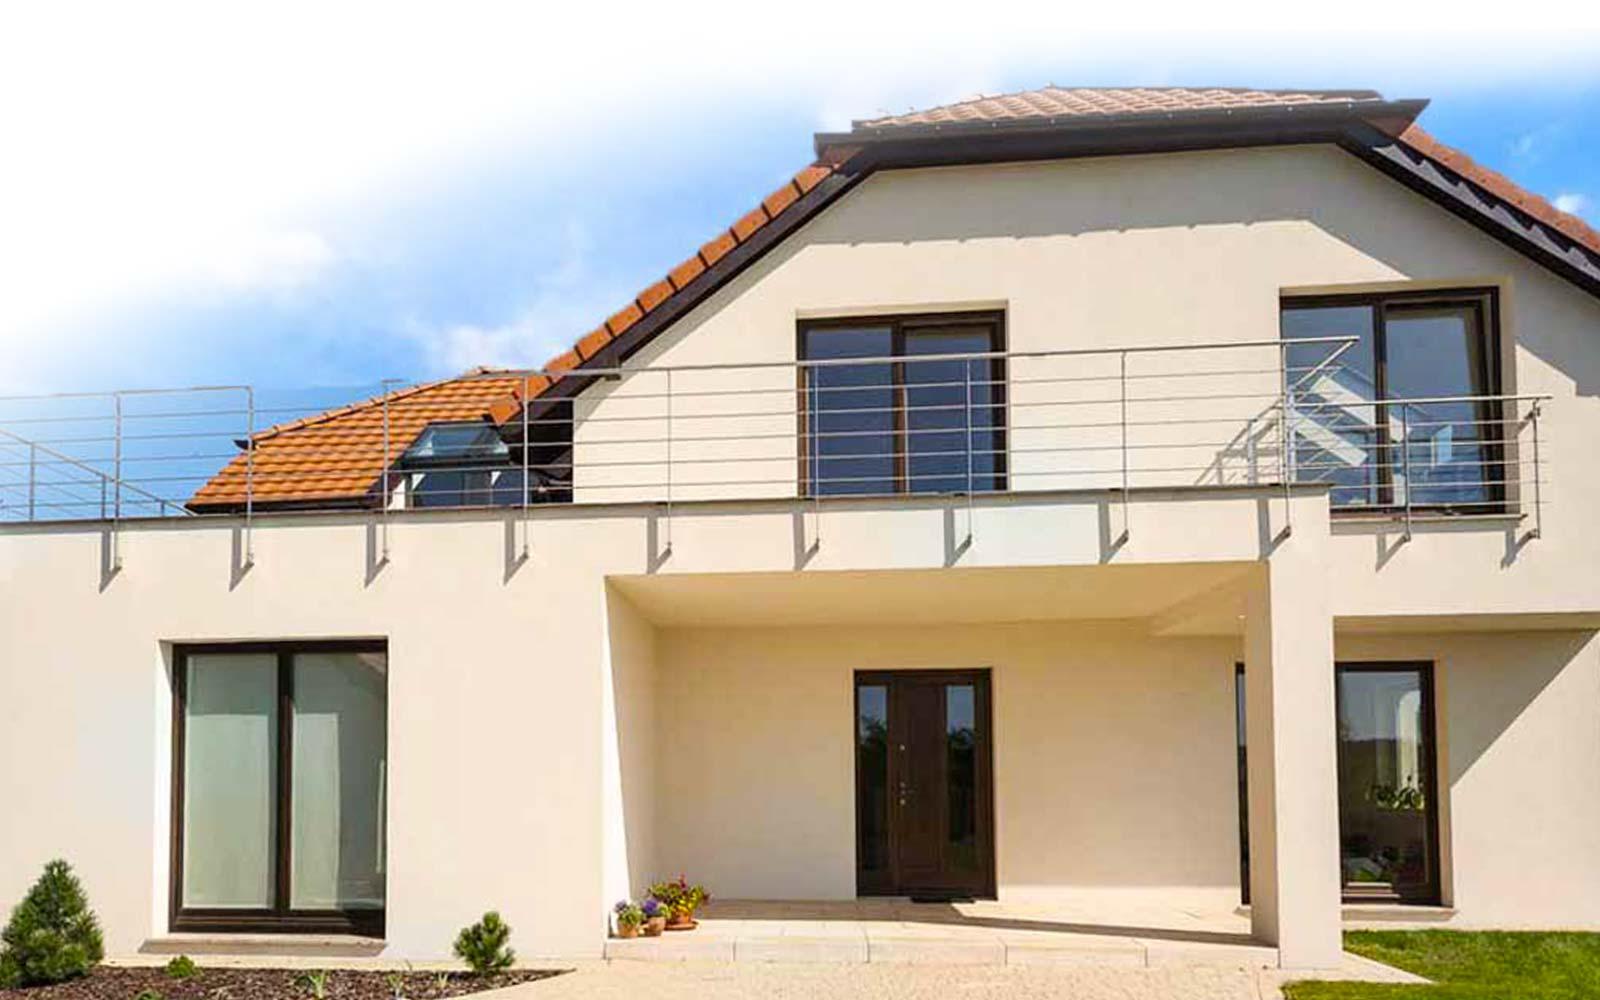 ENDUIT HYDRAULIQUE CRÉPI : Bâti Group 43 : Votre spécialiste en enduit de façade à la chaux, en Haute Loire, Lozère, Ardèche, la Loire et Puy de dôme : Contact : 0687058782